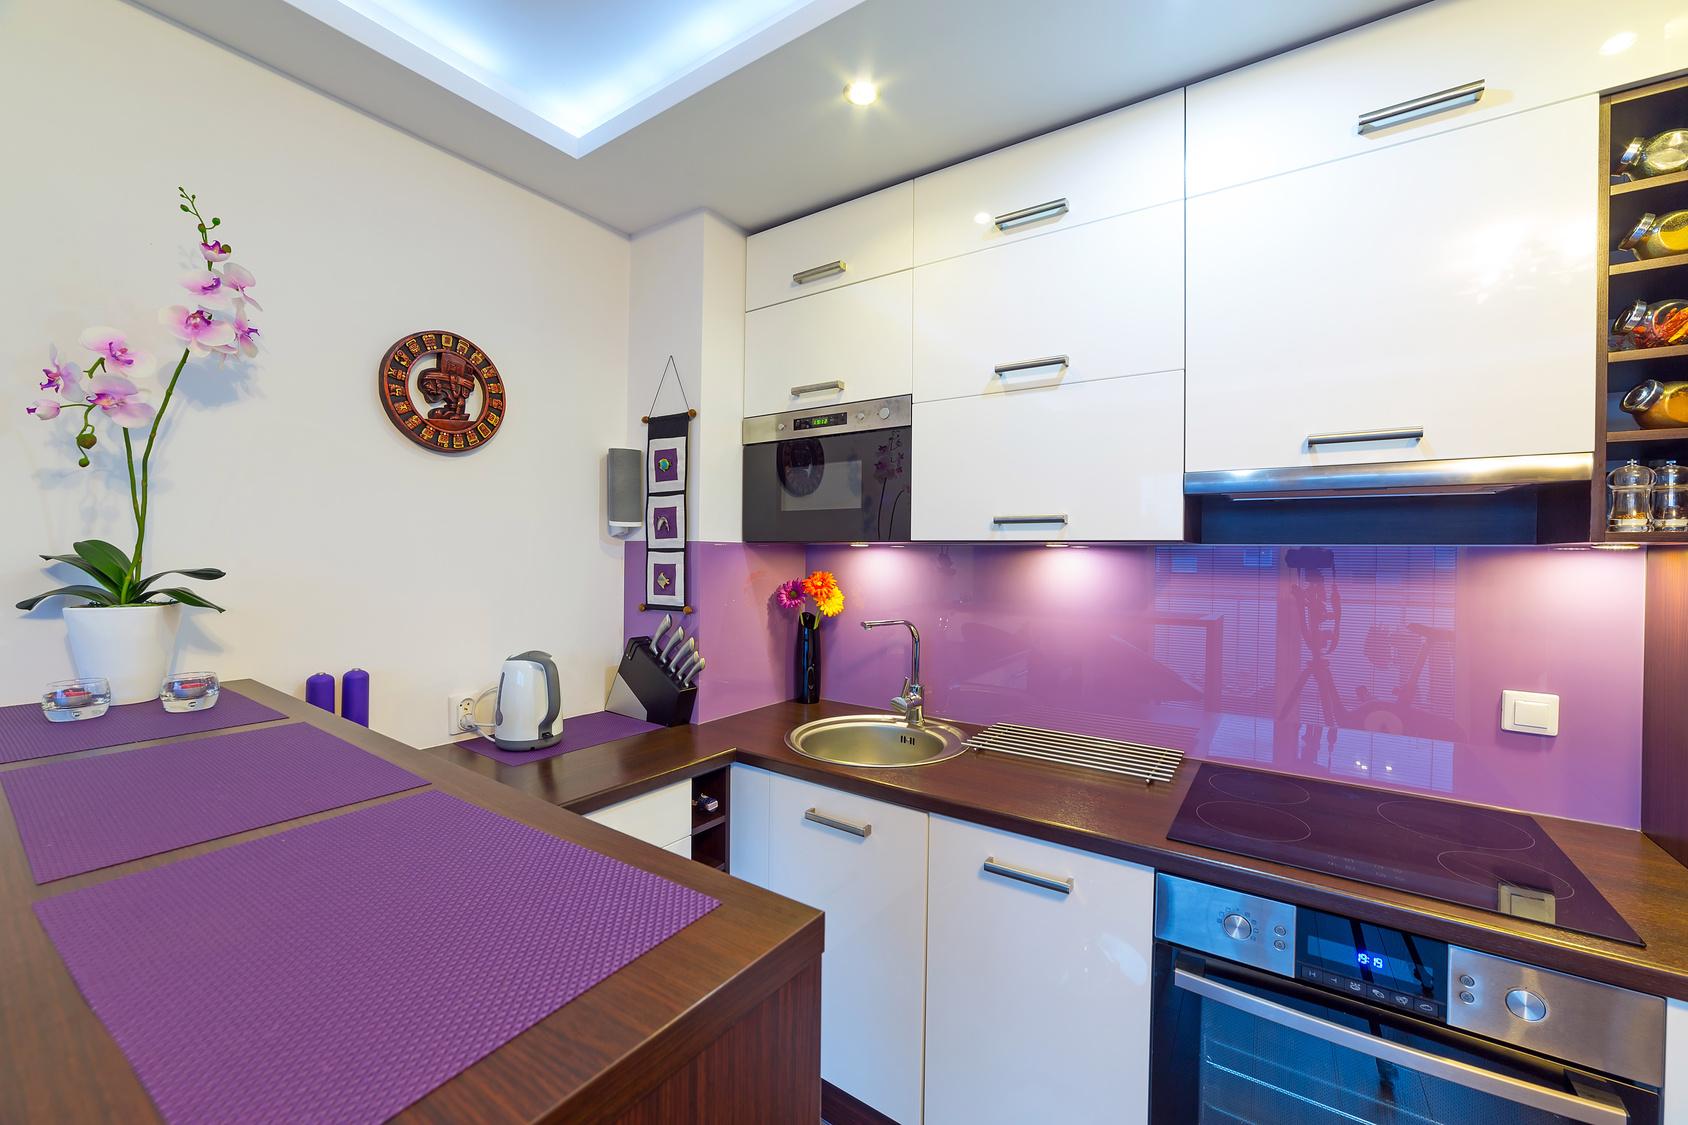 die g form k che eine klassische k chengrundform. Black Bedroom Furniture Sets. Home Design Ideas